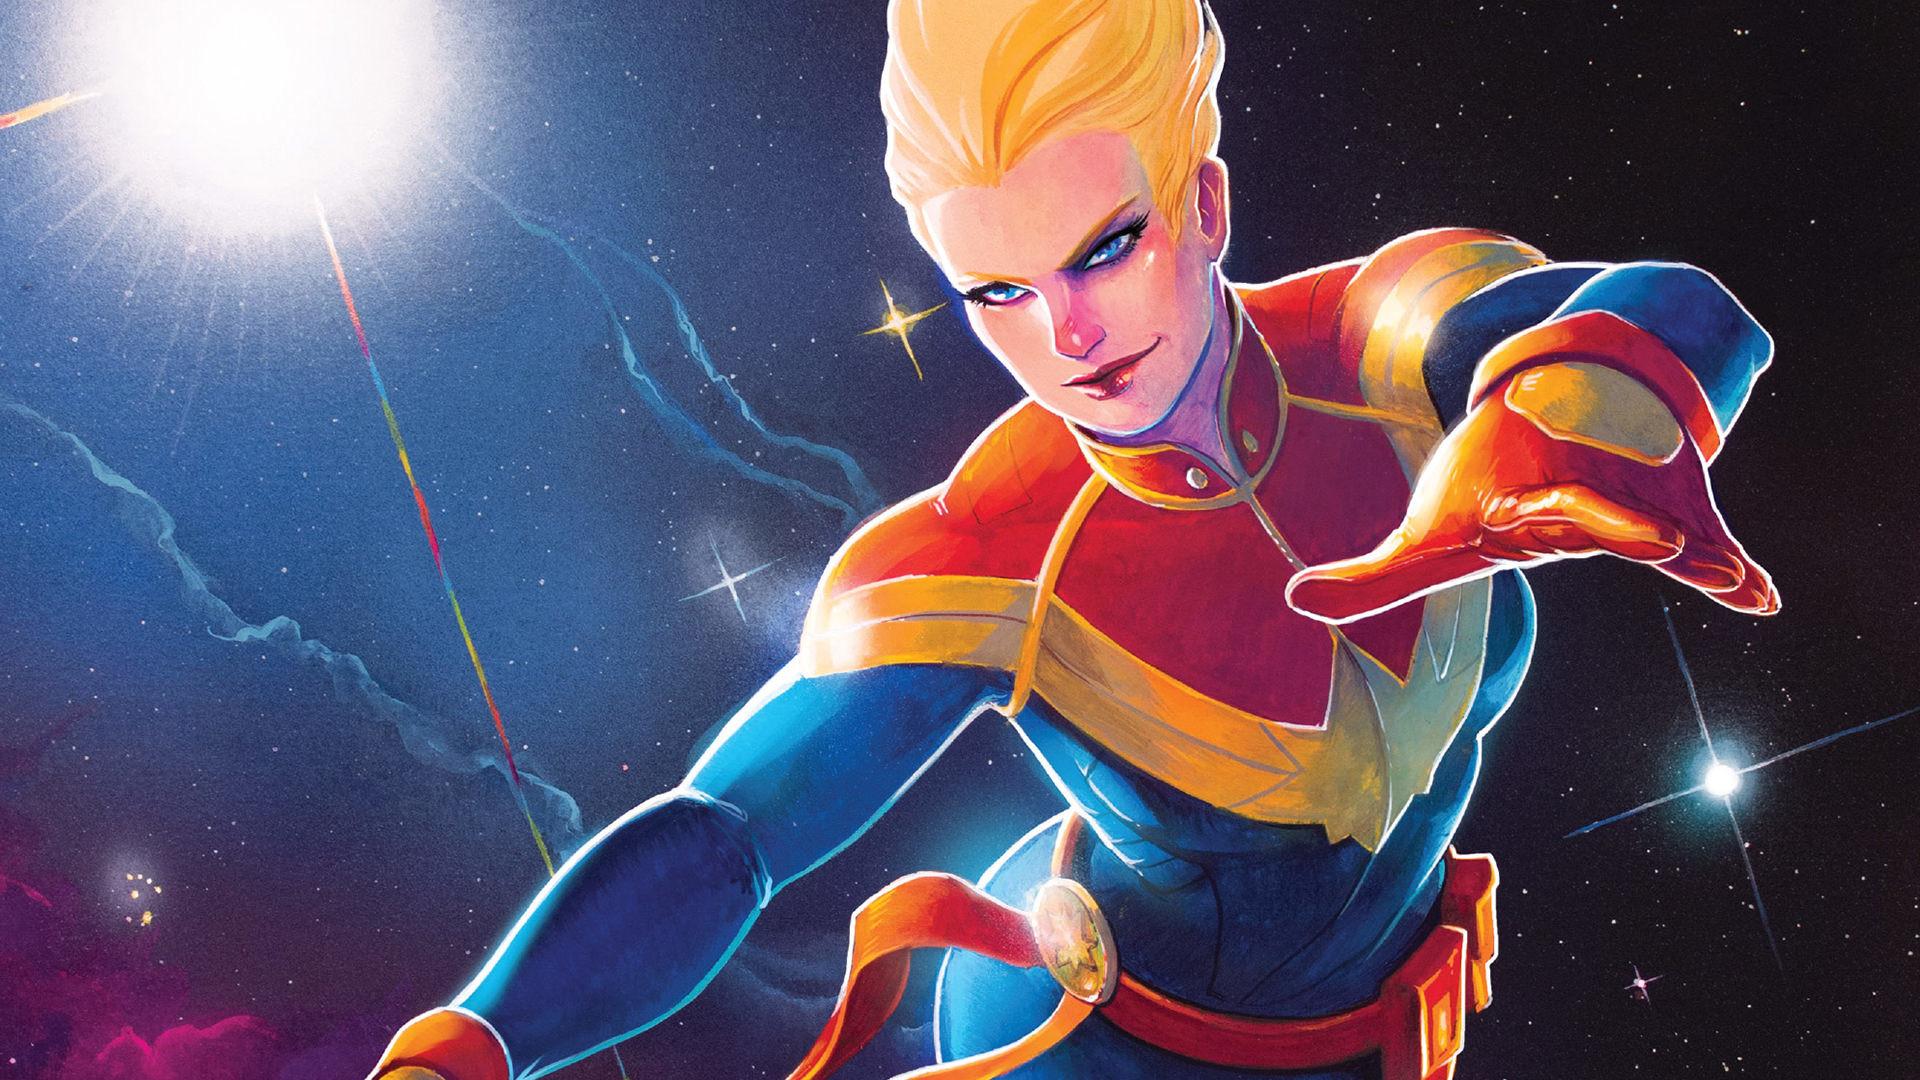 Res: 1920x1080, Comics - Captain Marvel Carol Danvers Wallpaper